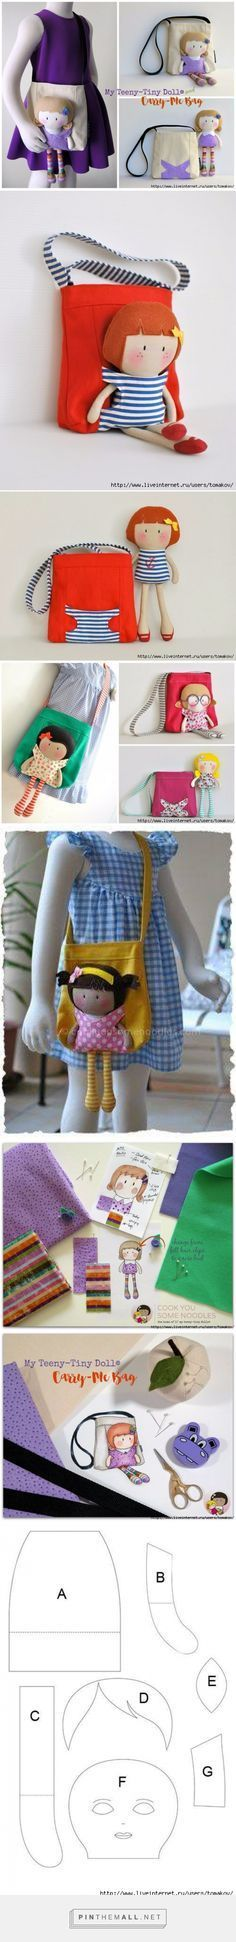 Esta divertida bolsa está diseñada para traer siempre a su lado a su inseparable amiga. #bolsa #proyecto #costura